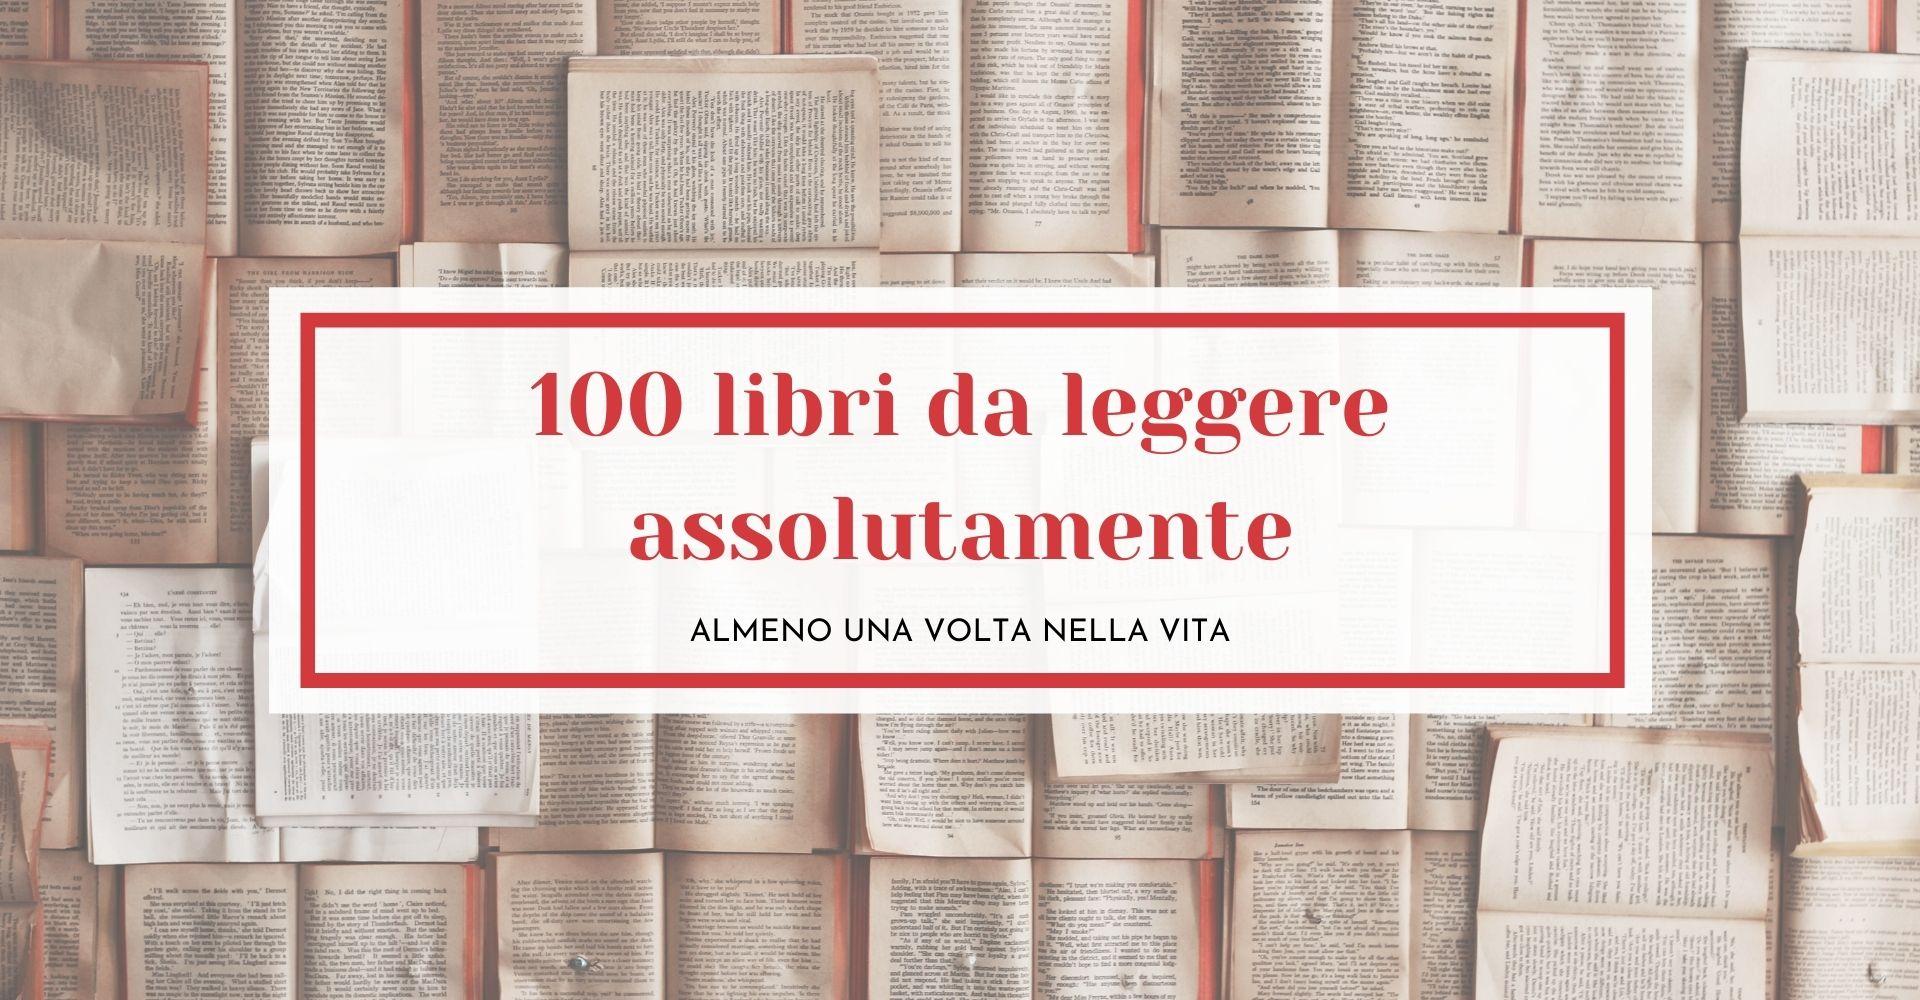 100 libri da leggere assolutamente nella vita